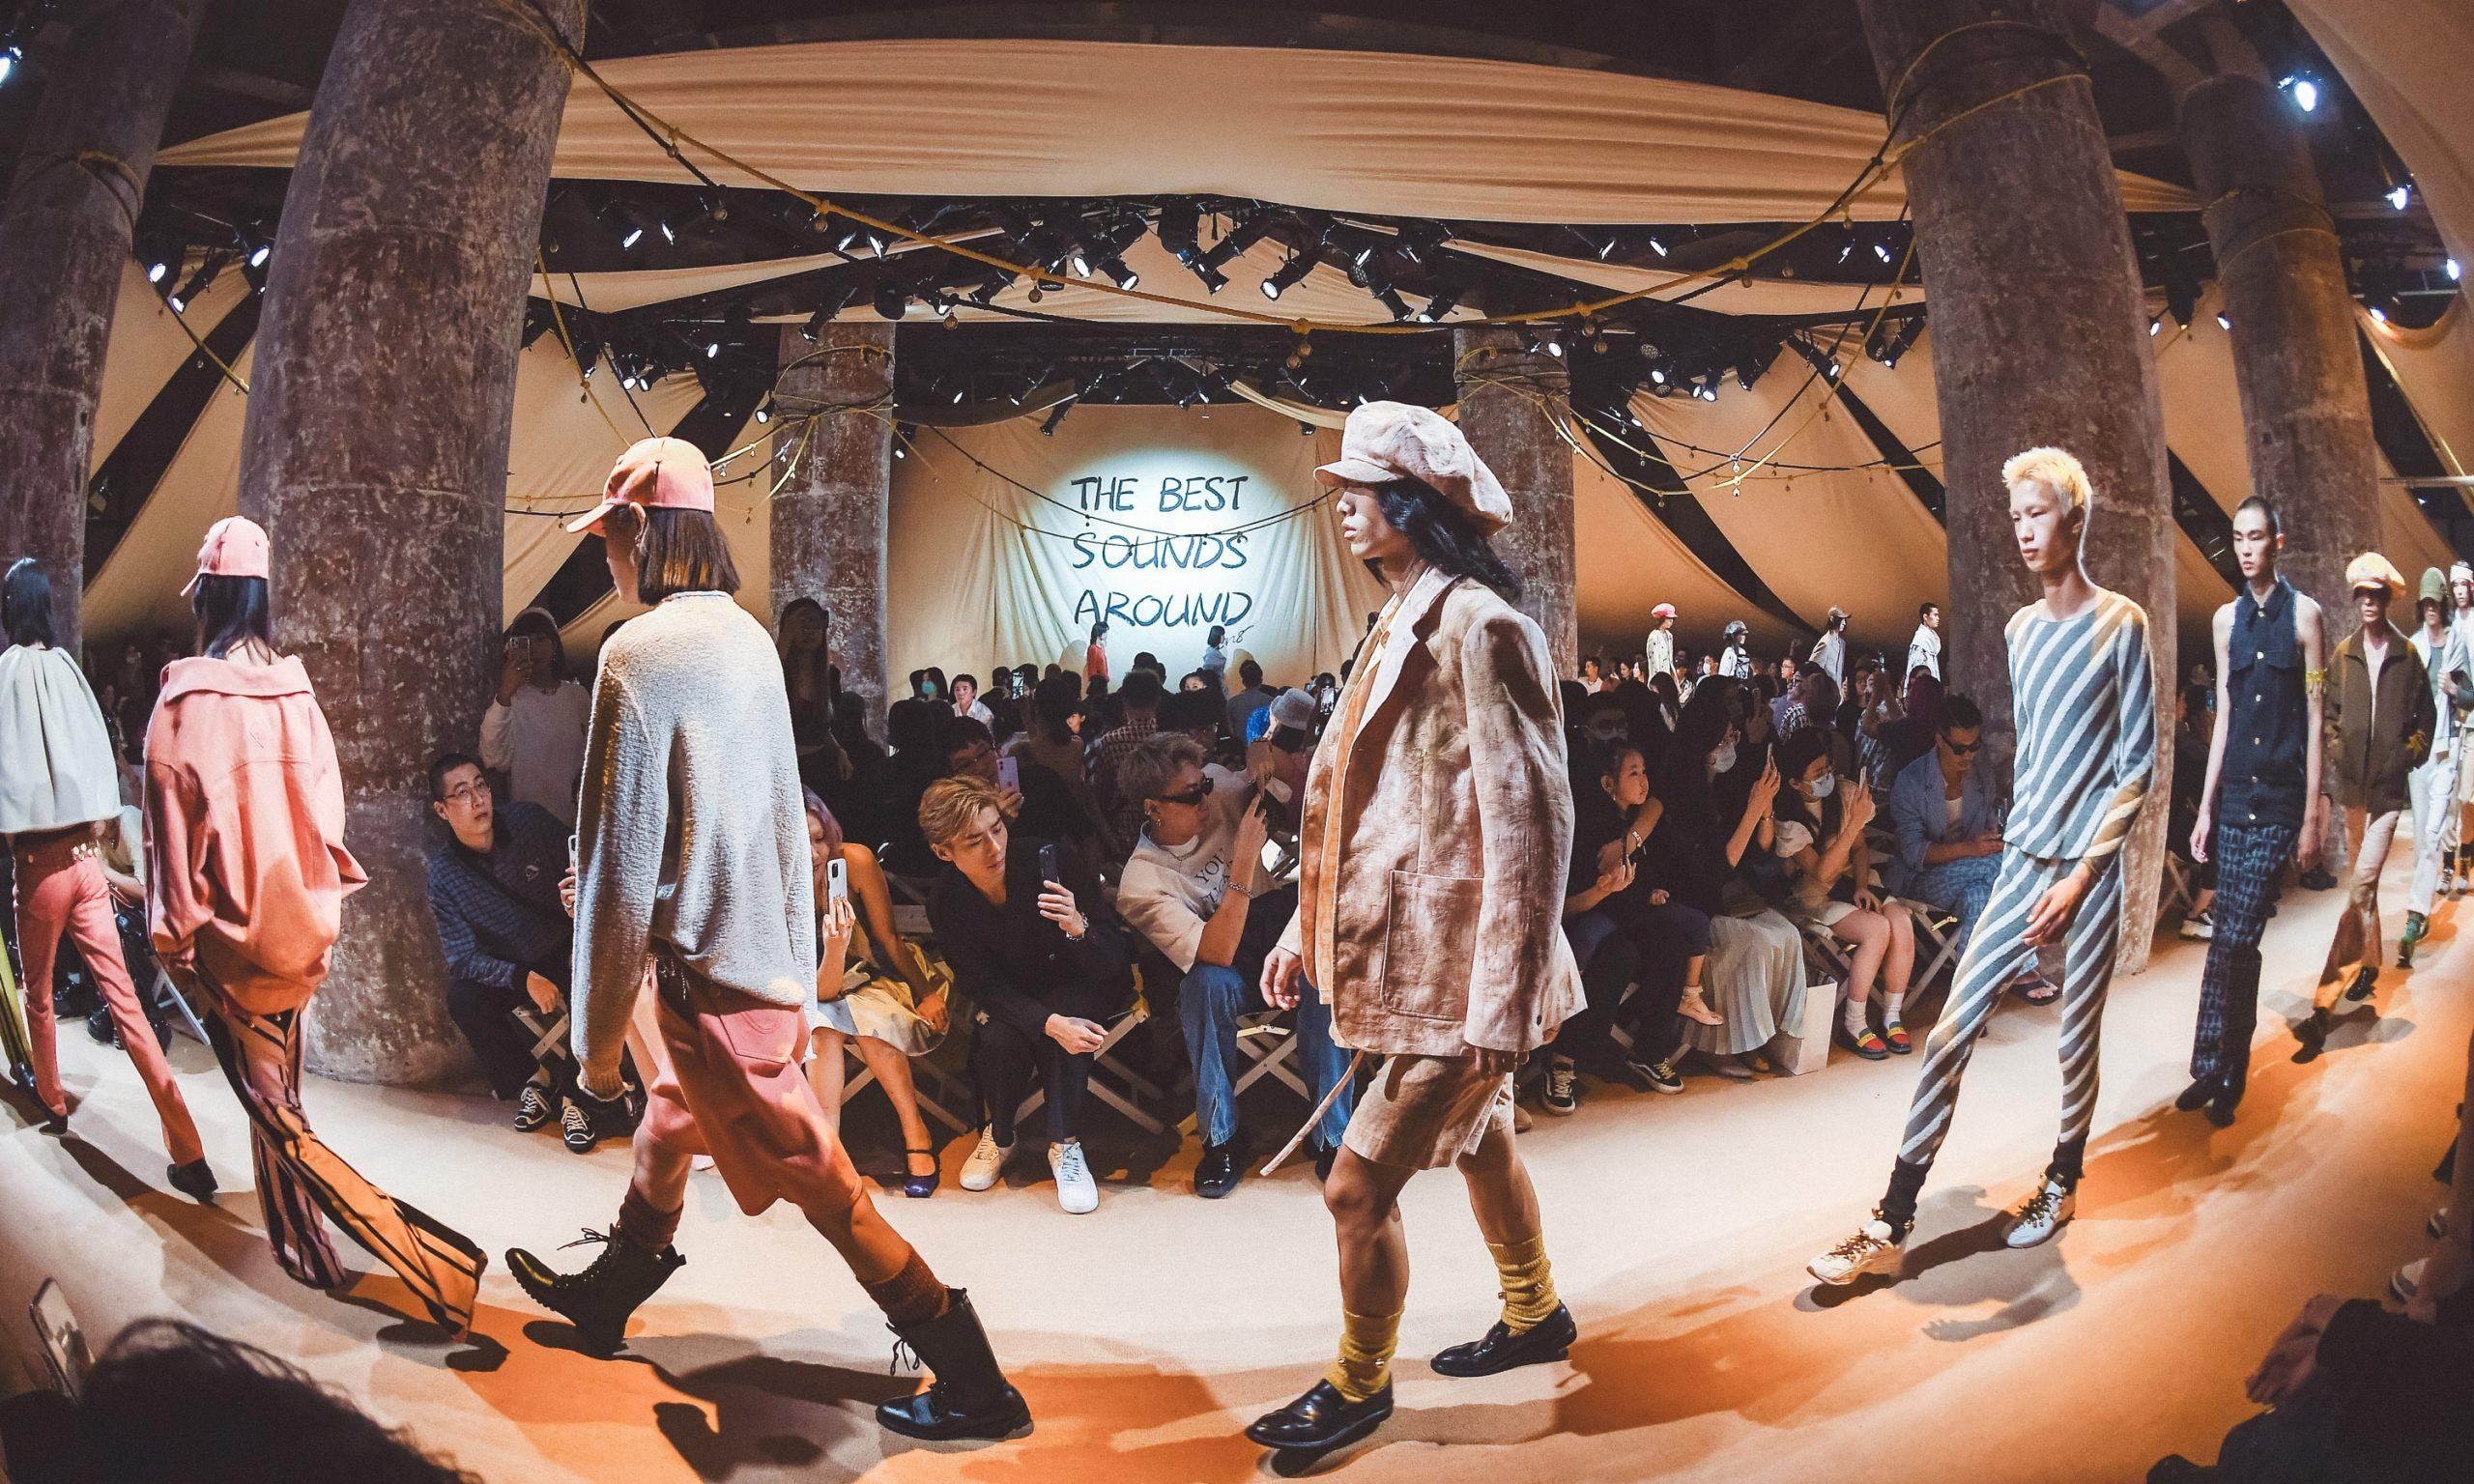 与中国时装品牌 8ON8 聊聊 ASICS 新合作及 2022 春夏大秀